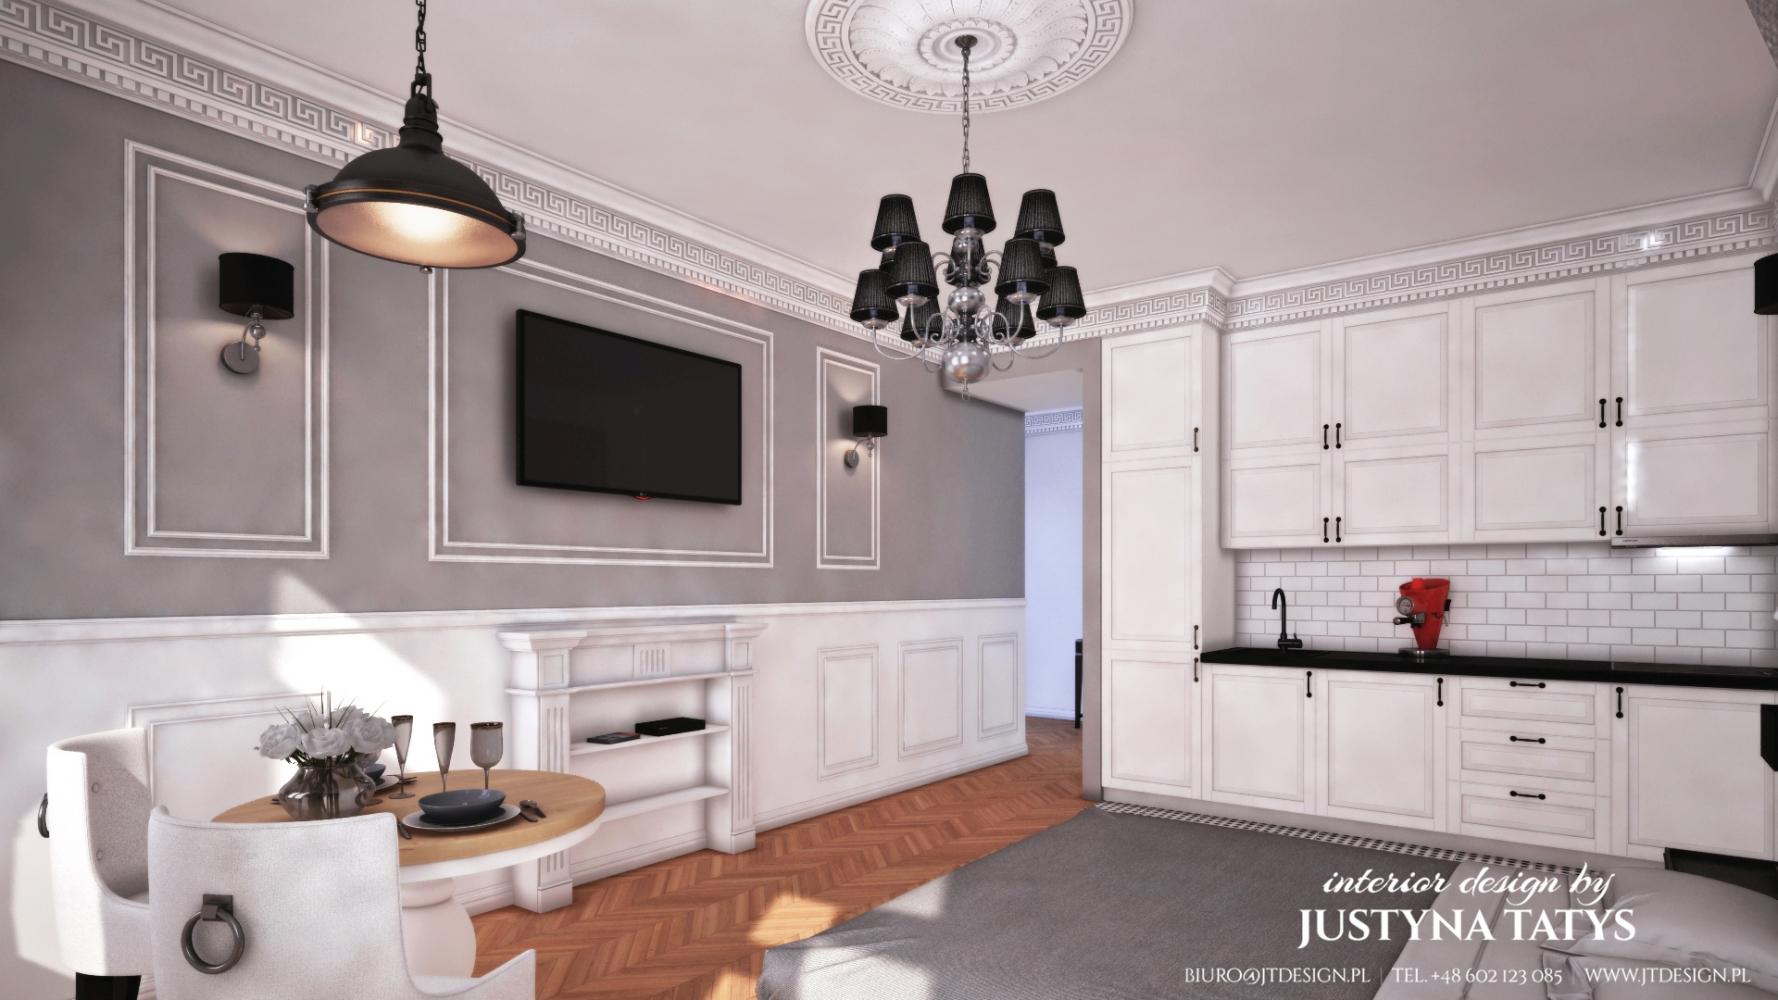 jt_design_img-11.jpg